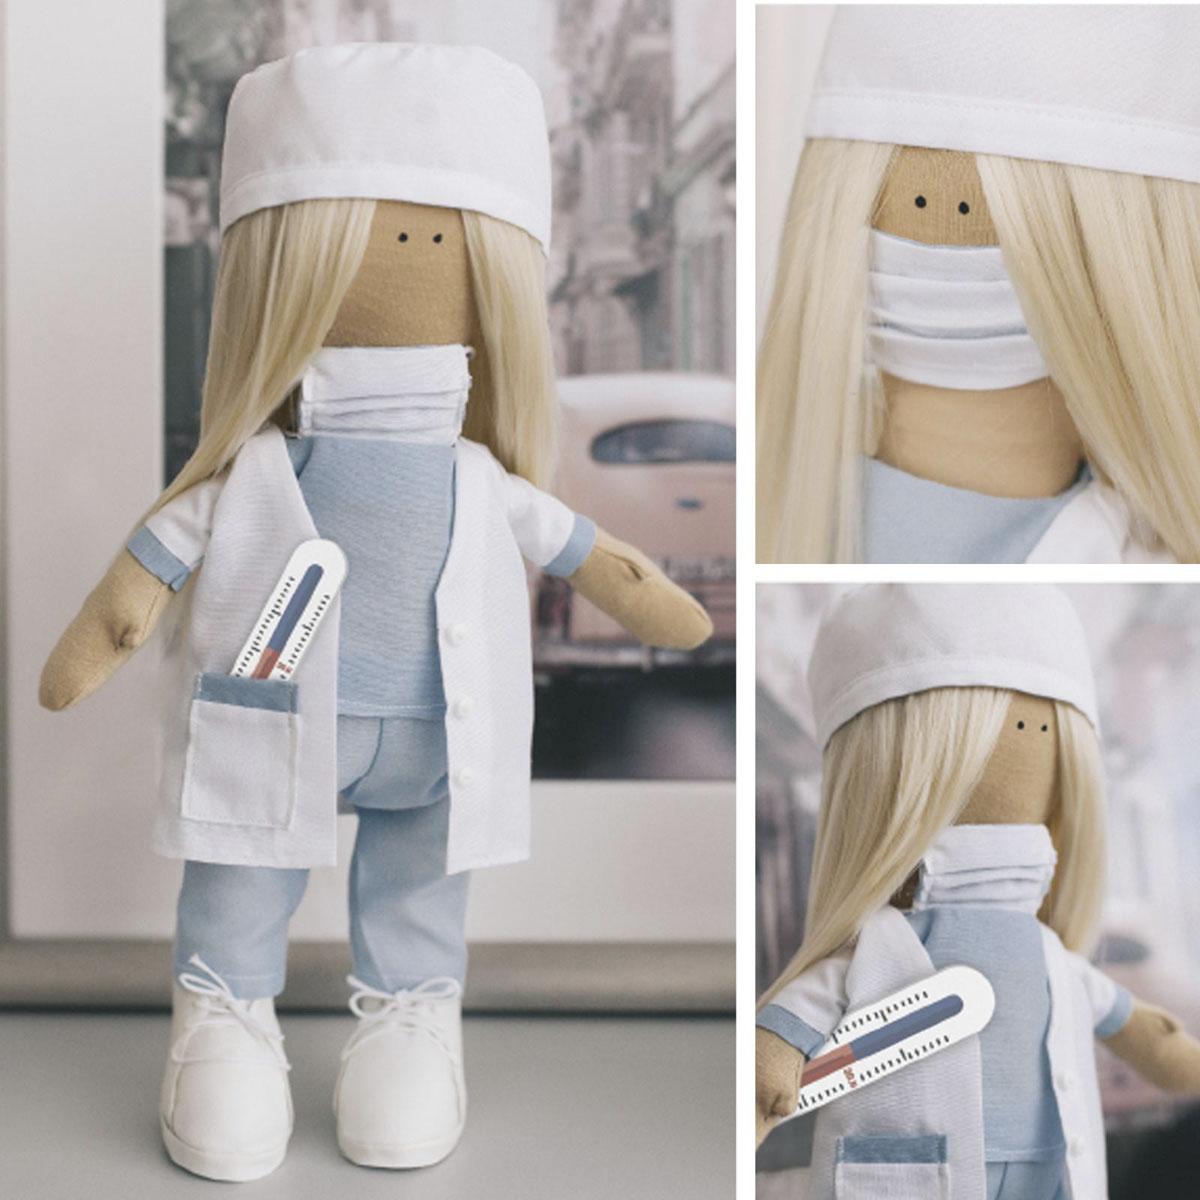 5470964 Интерьерная кукла 'Доктор Кейт', набор для шитья 15,6*22,4*5,2 см